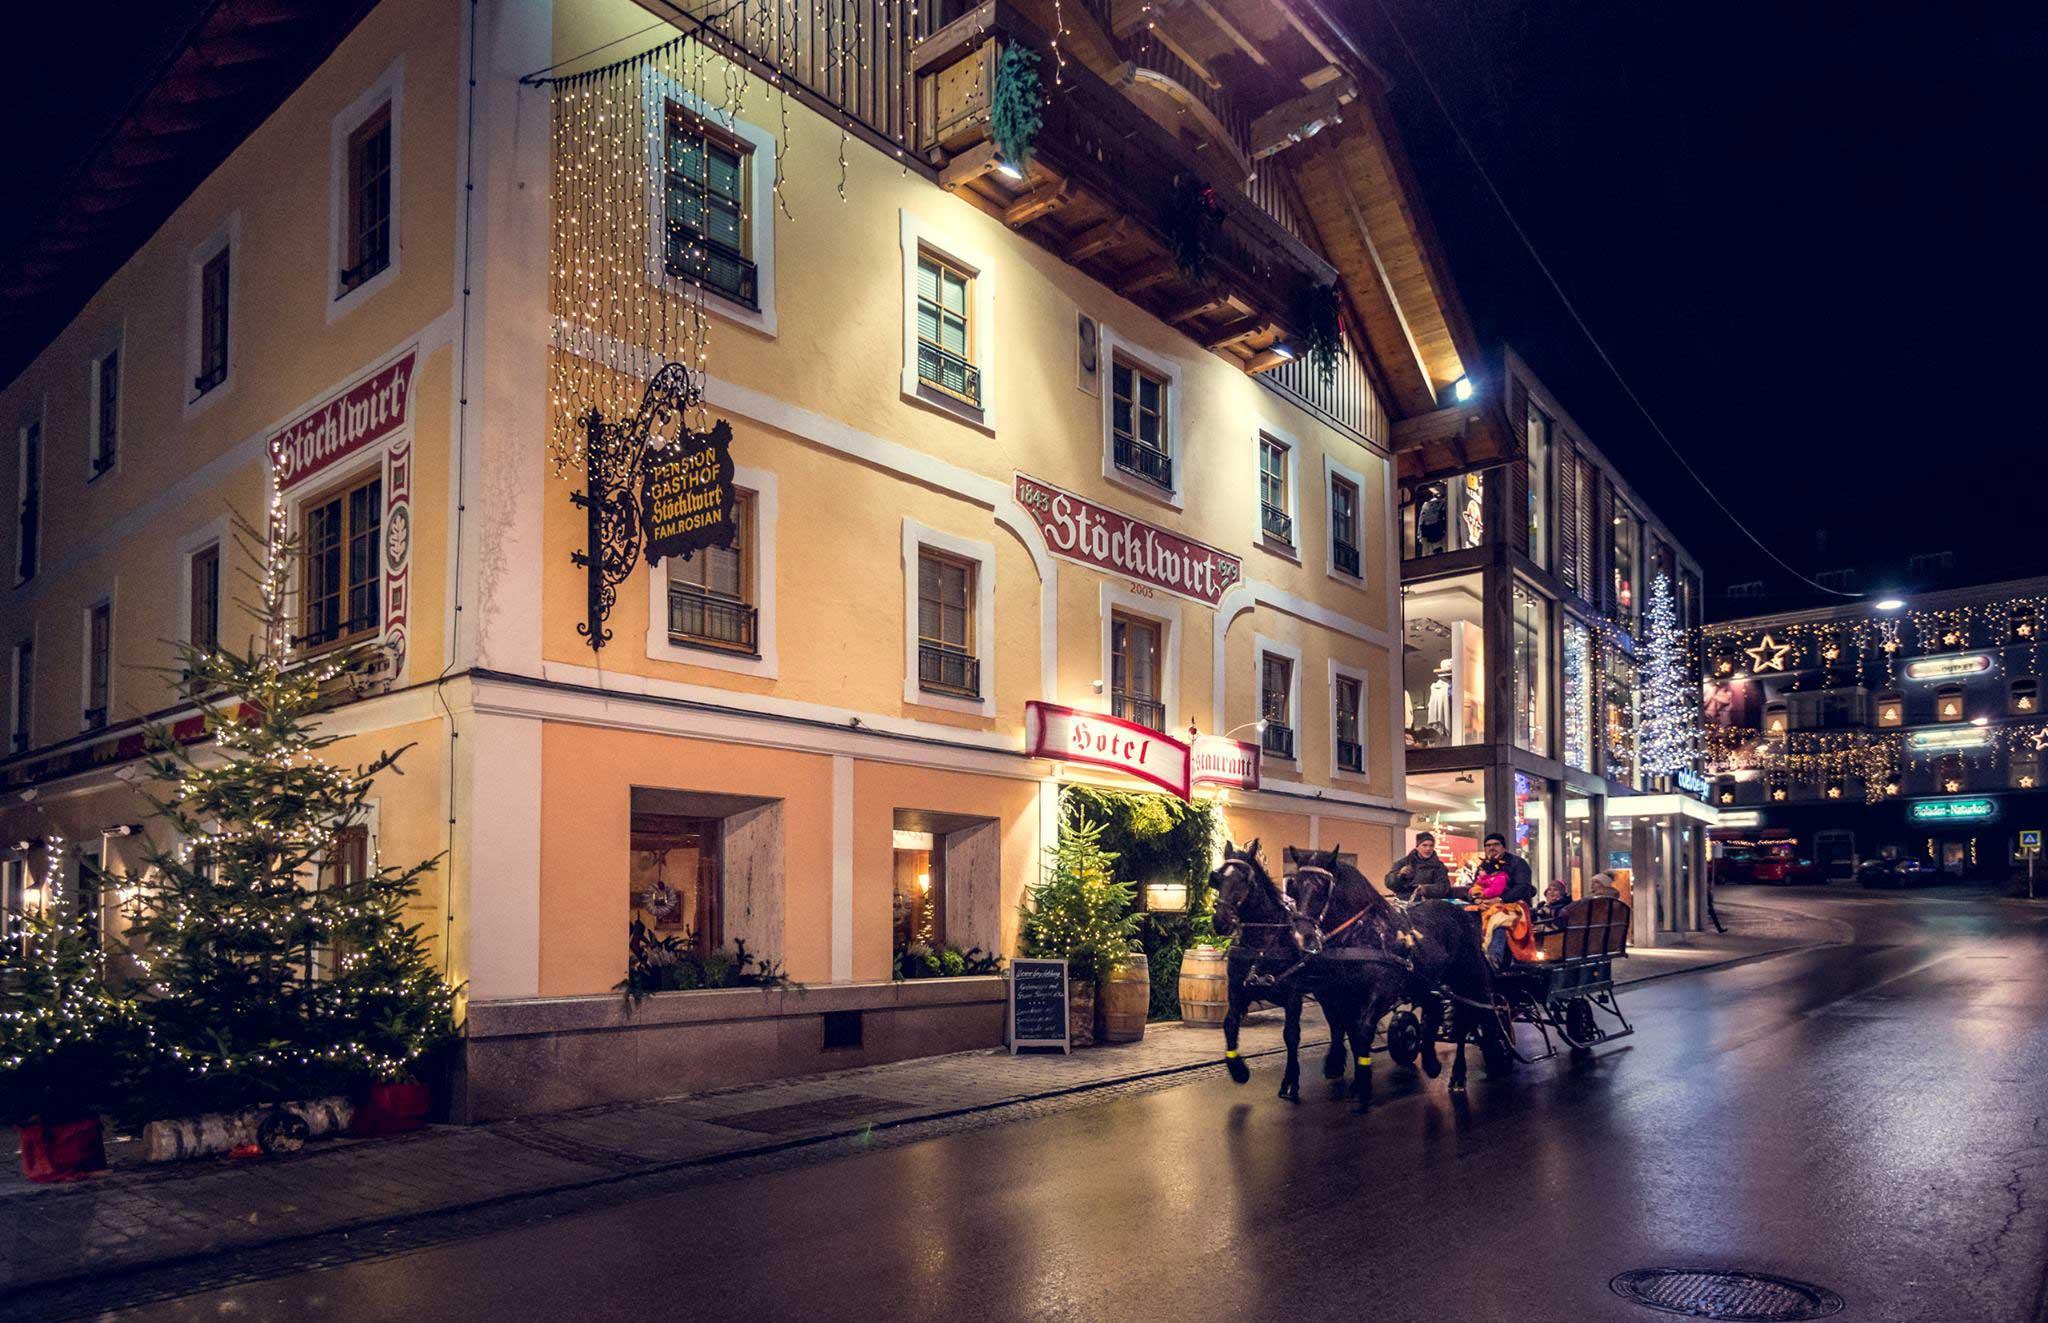 Hotel Restaurant Stoecklwirt St. Johann im Pongau Öffnungszeiten